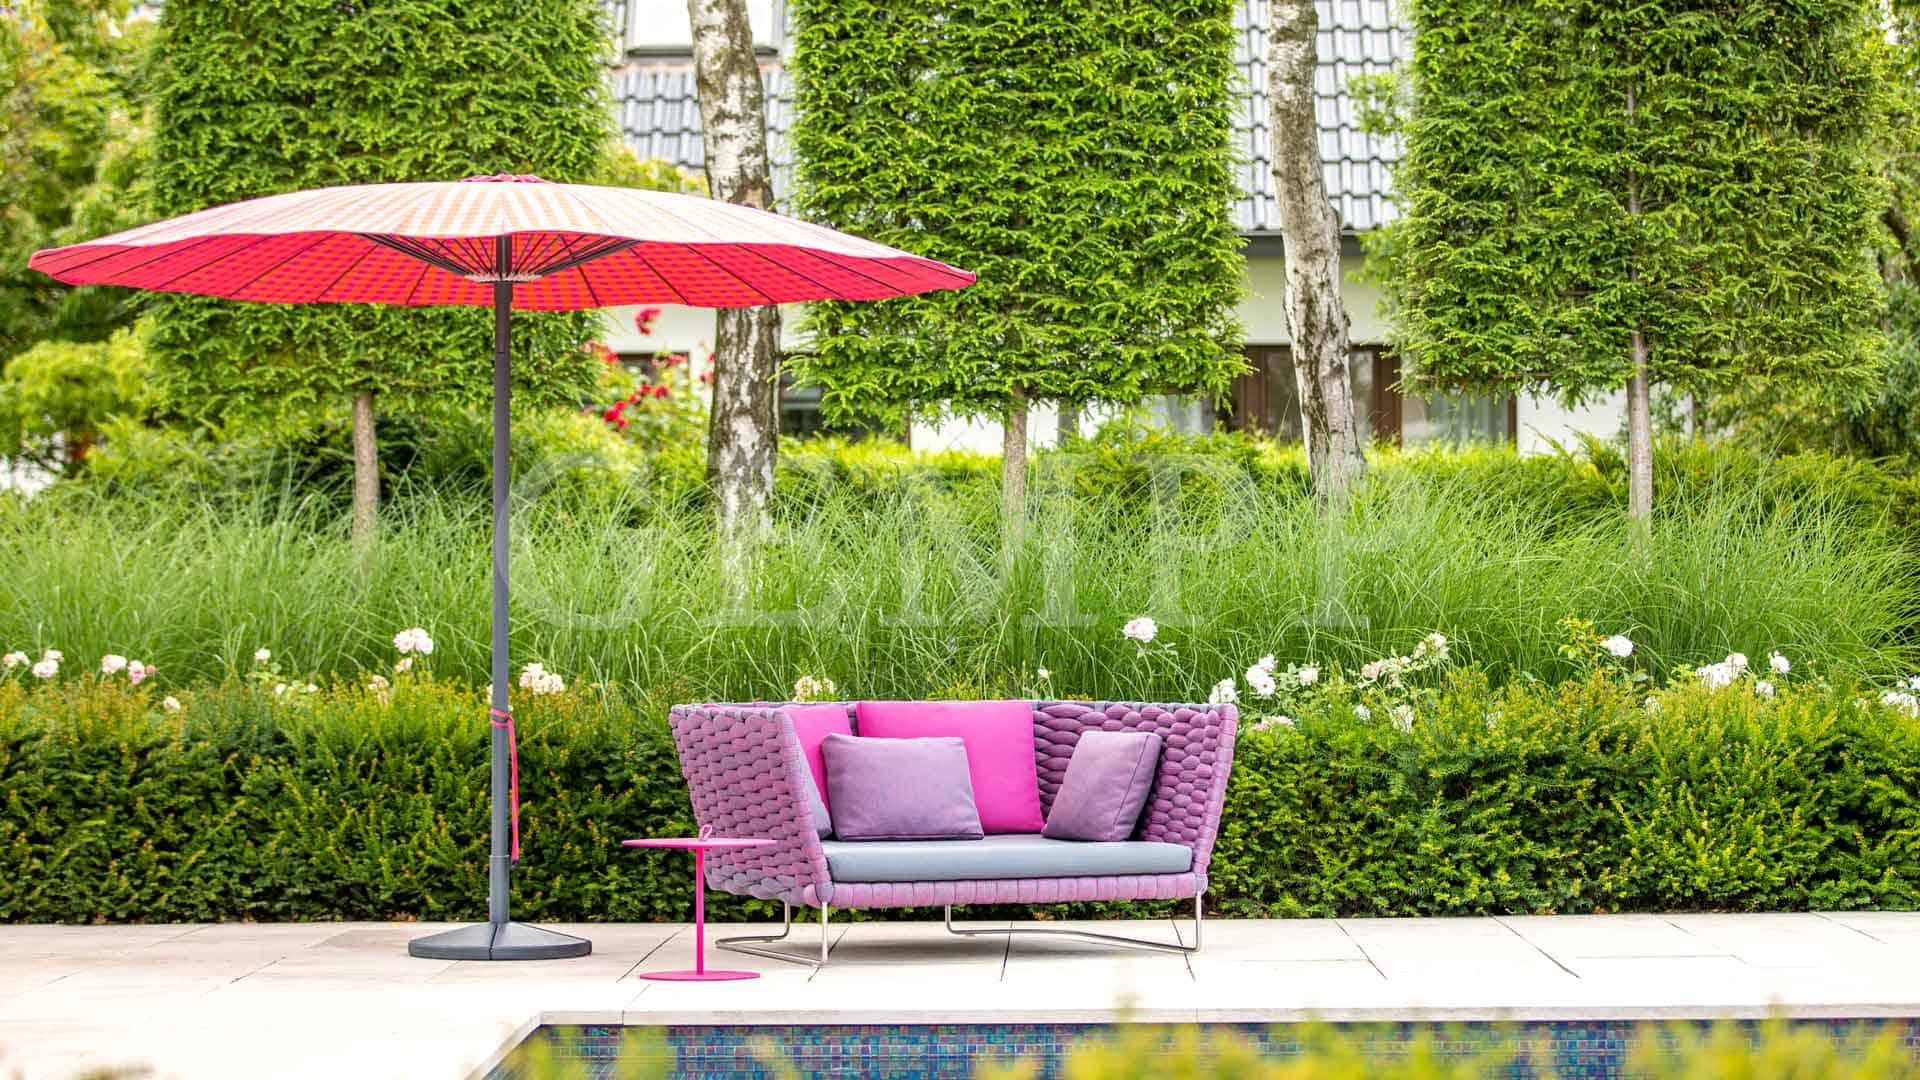 Stadtvilla Garten Dortmund Garten des Jahres